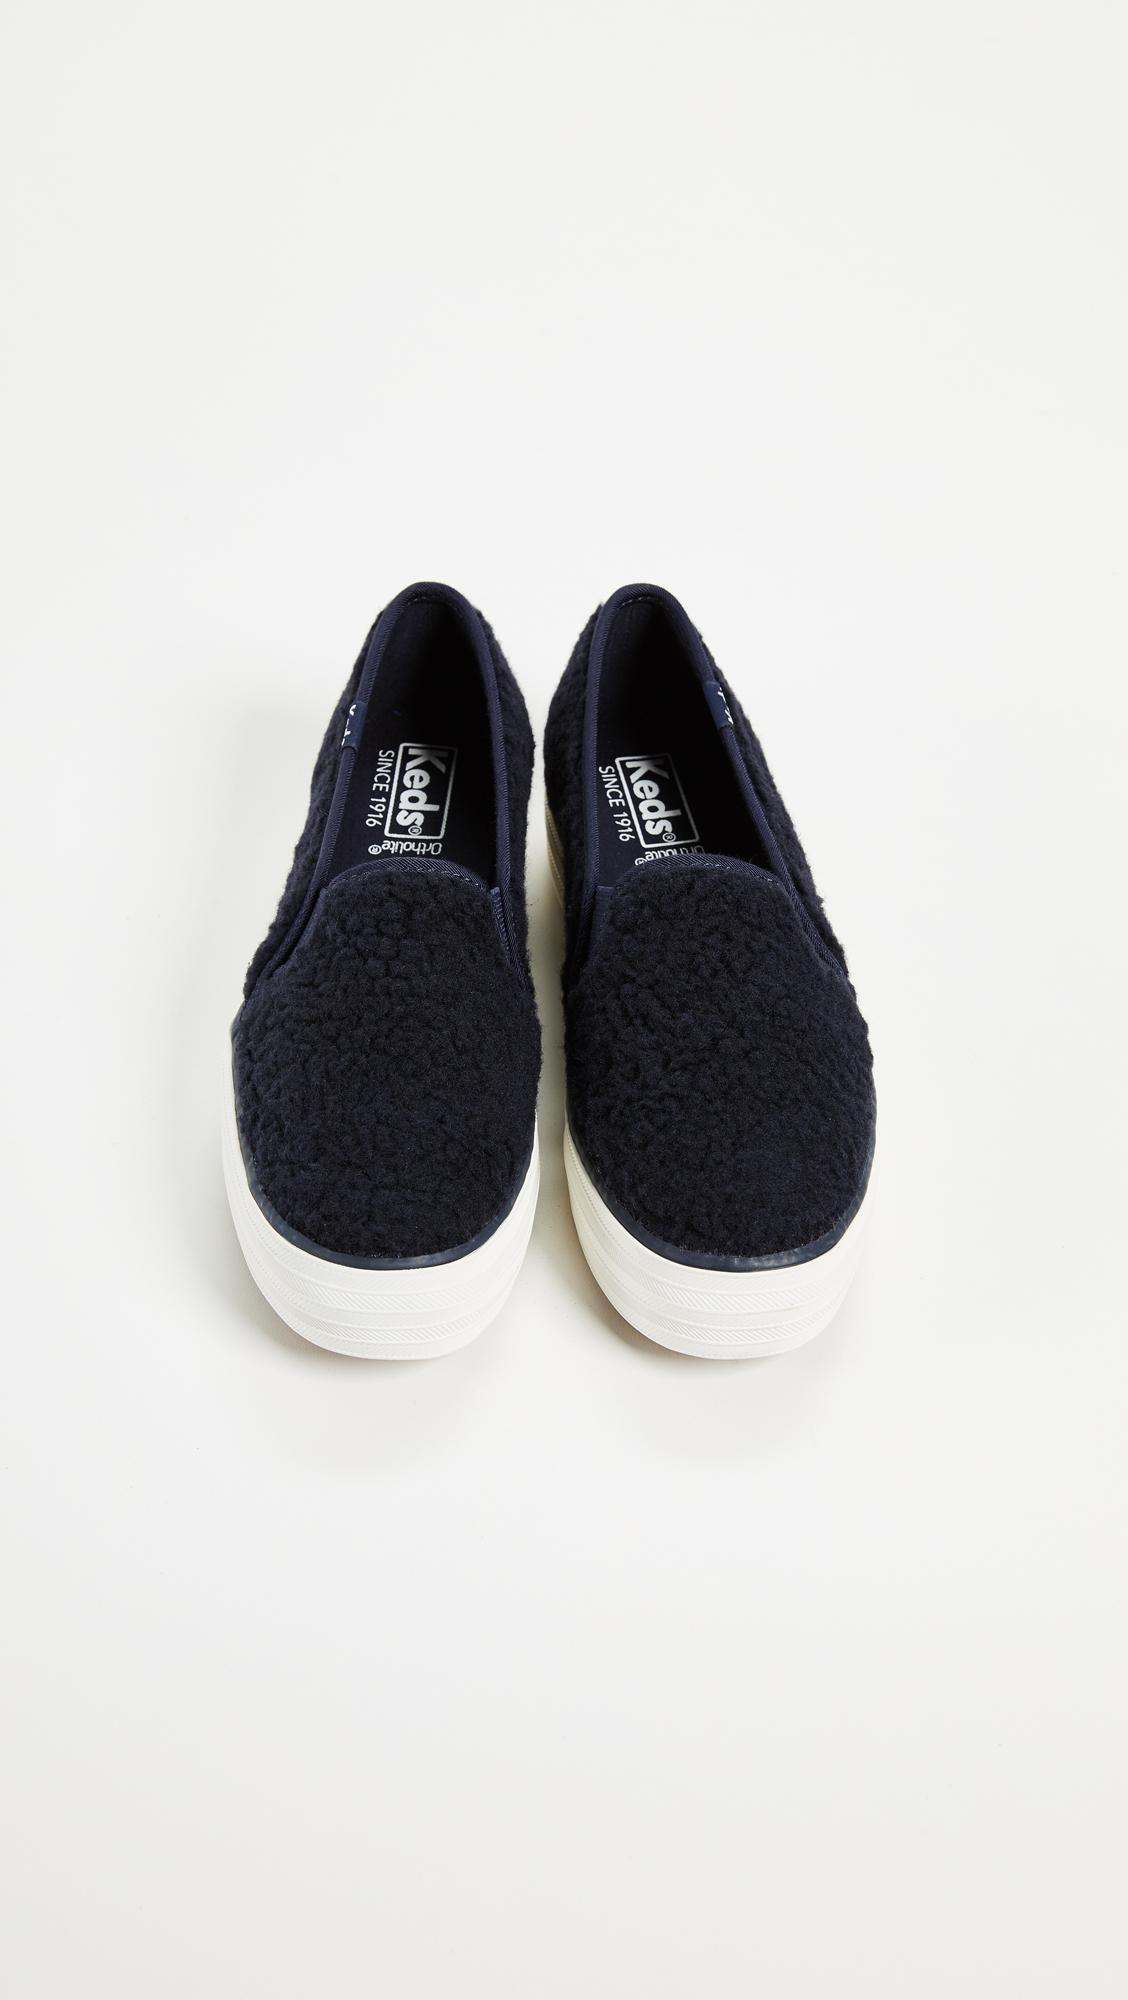 184a308bcc2f Keds Triple Decker Sherpa Sneakers